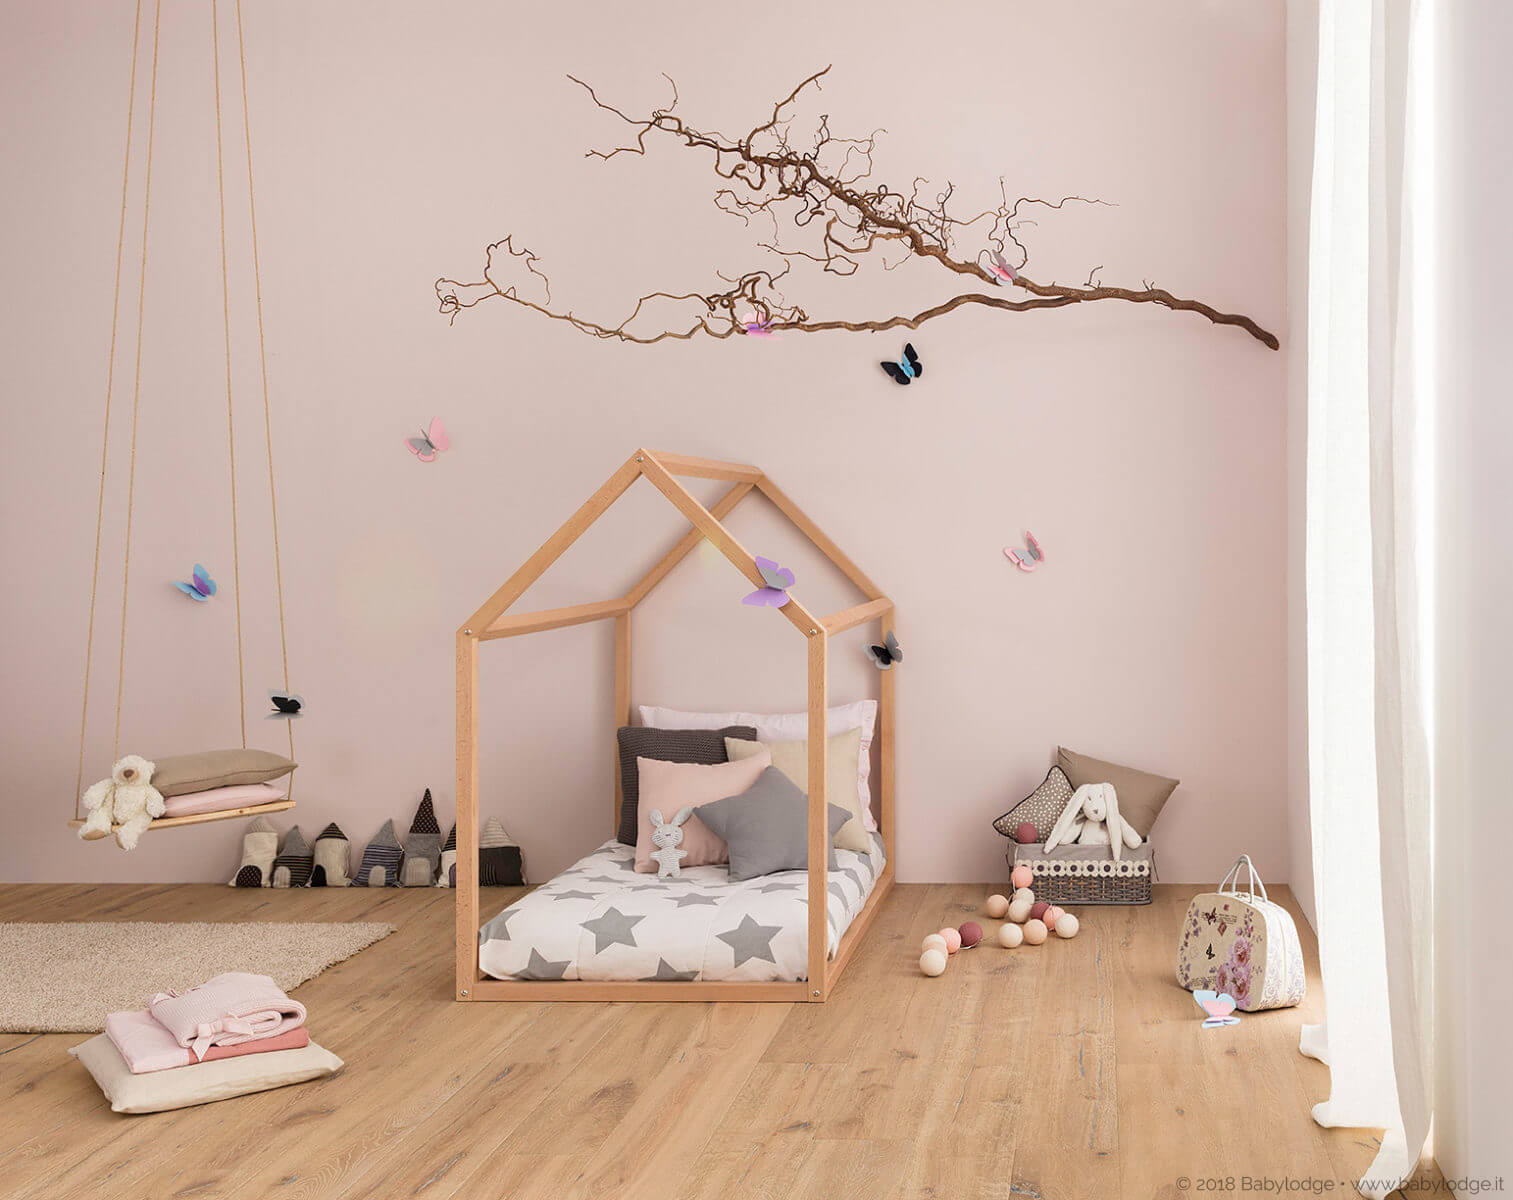 Lettino Montessori a forma di casetta allestito in cameretta romantica decorata con stelle e farfalle